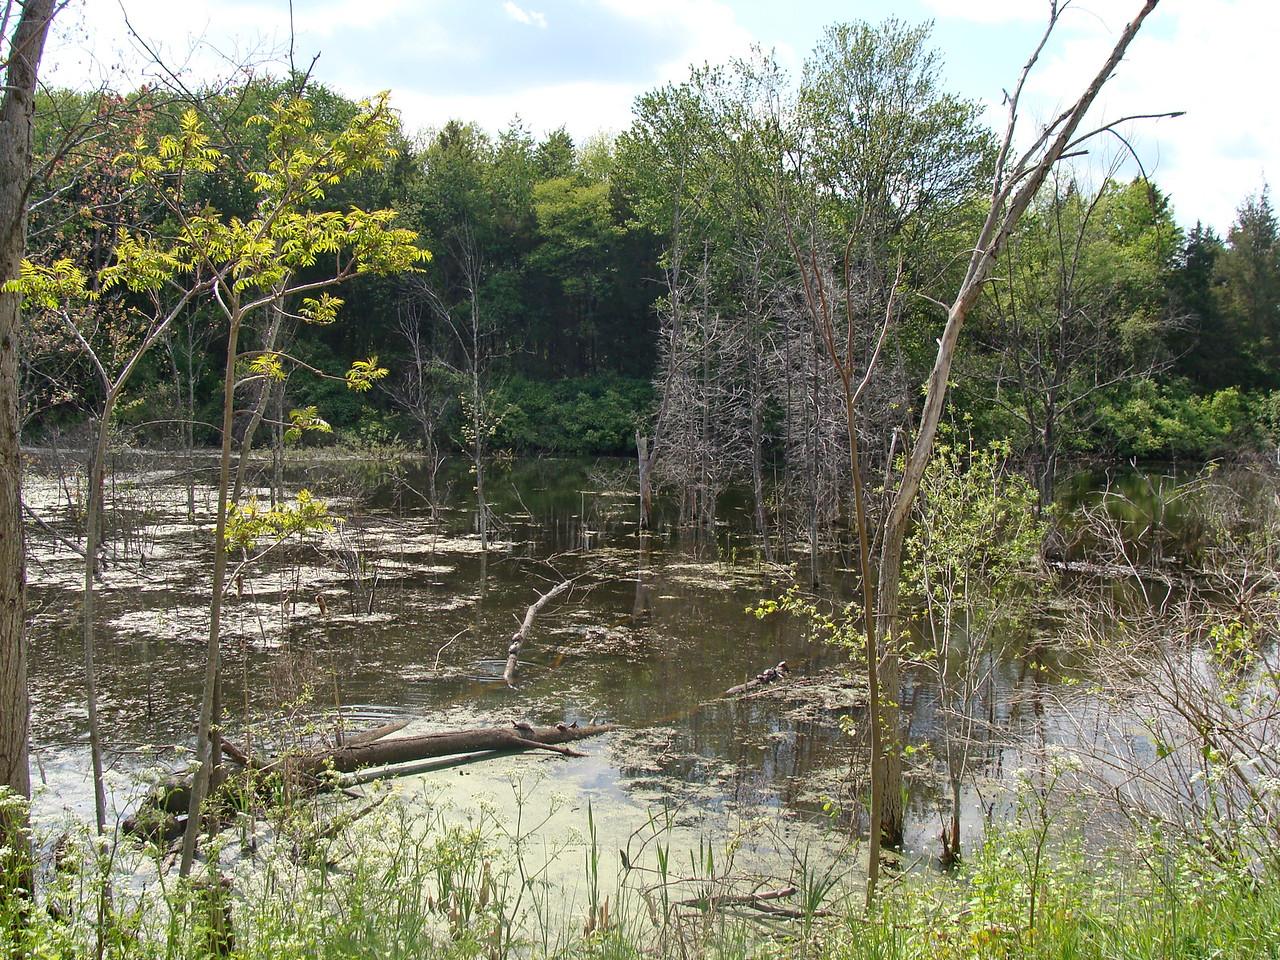 Turtles on a Fallen Tree in a Wetland